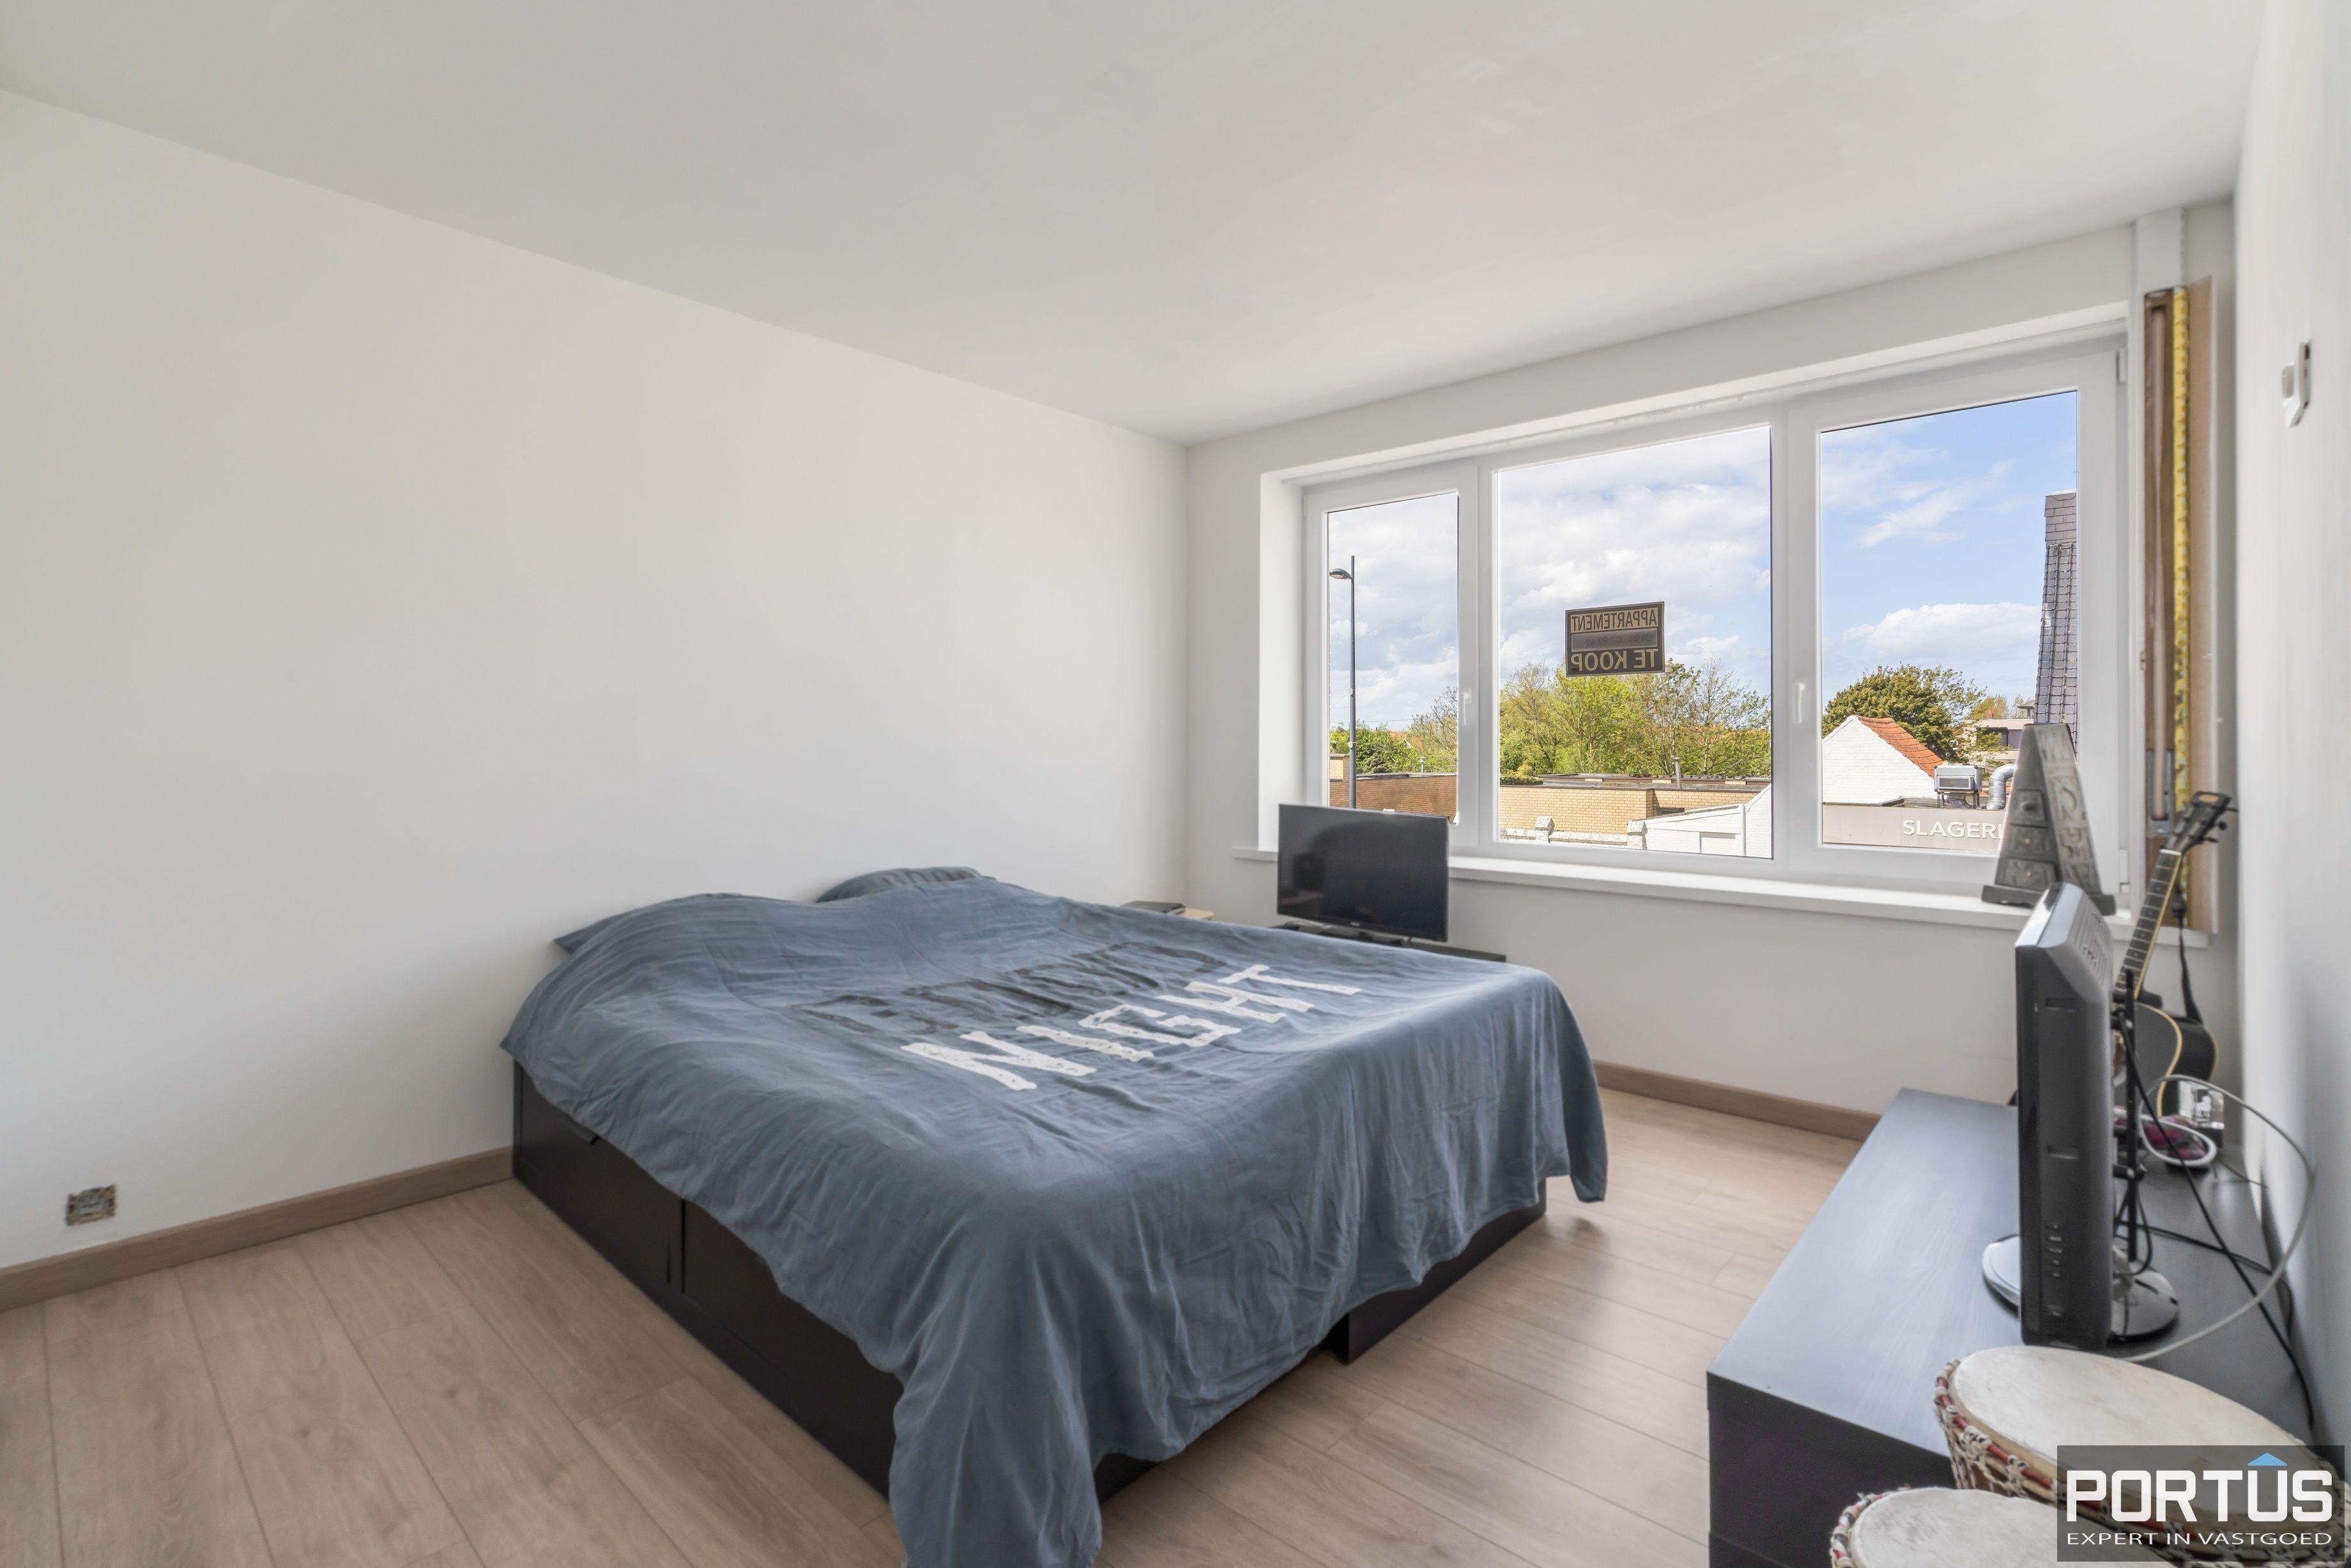 Appartement met 3 slaapkamers te koop te Westende - 13516